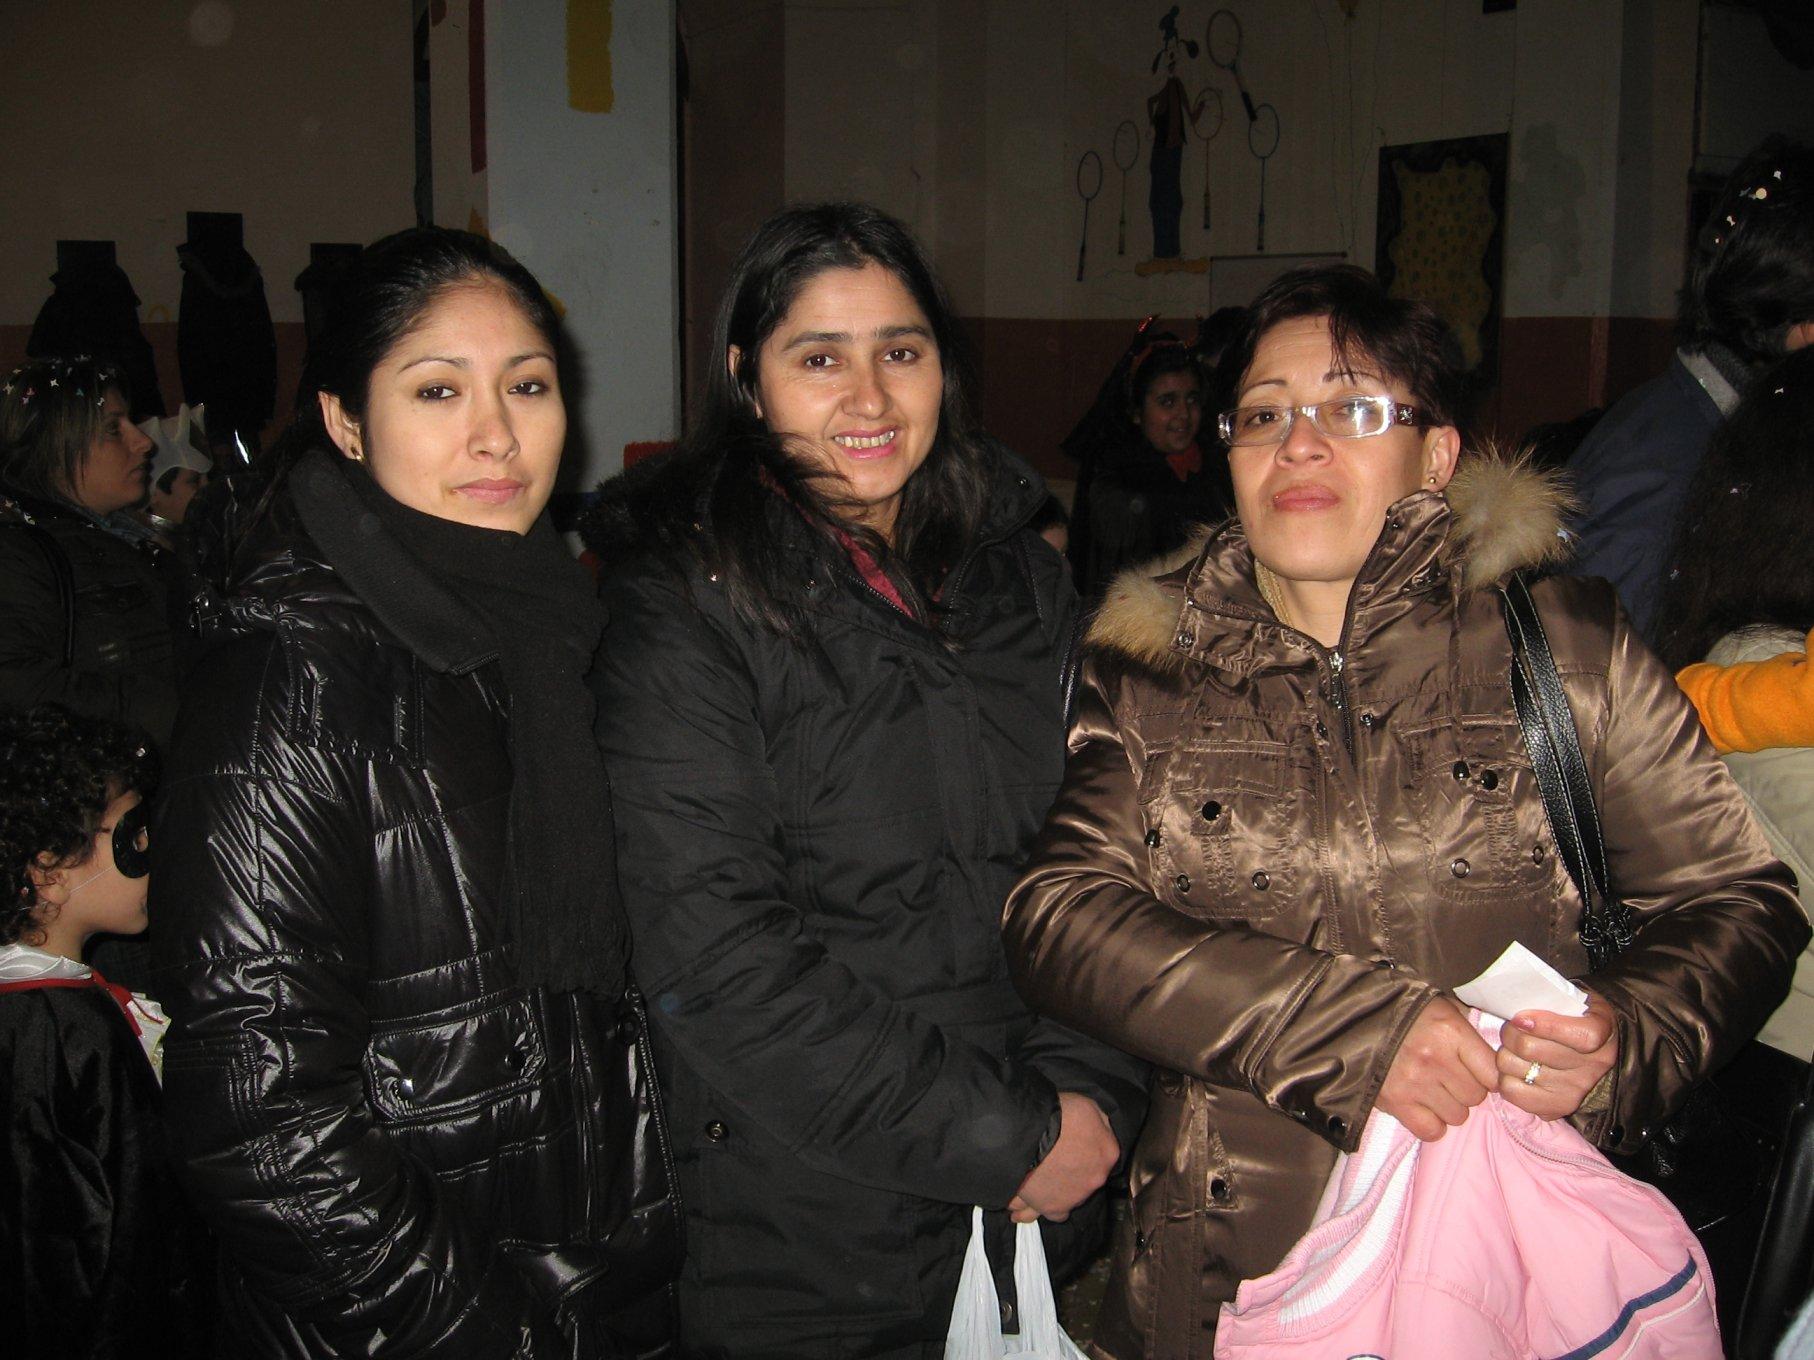 Pentolaccia-2009-02-22--16.37.52.jpg